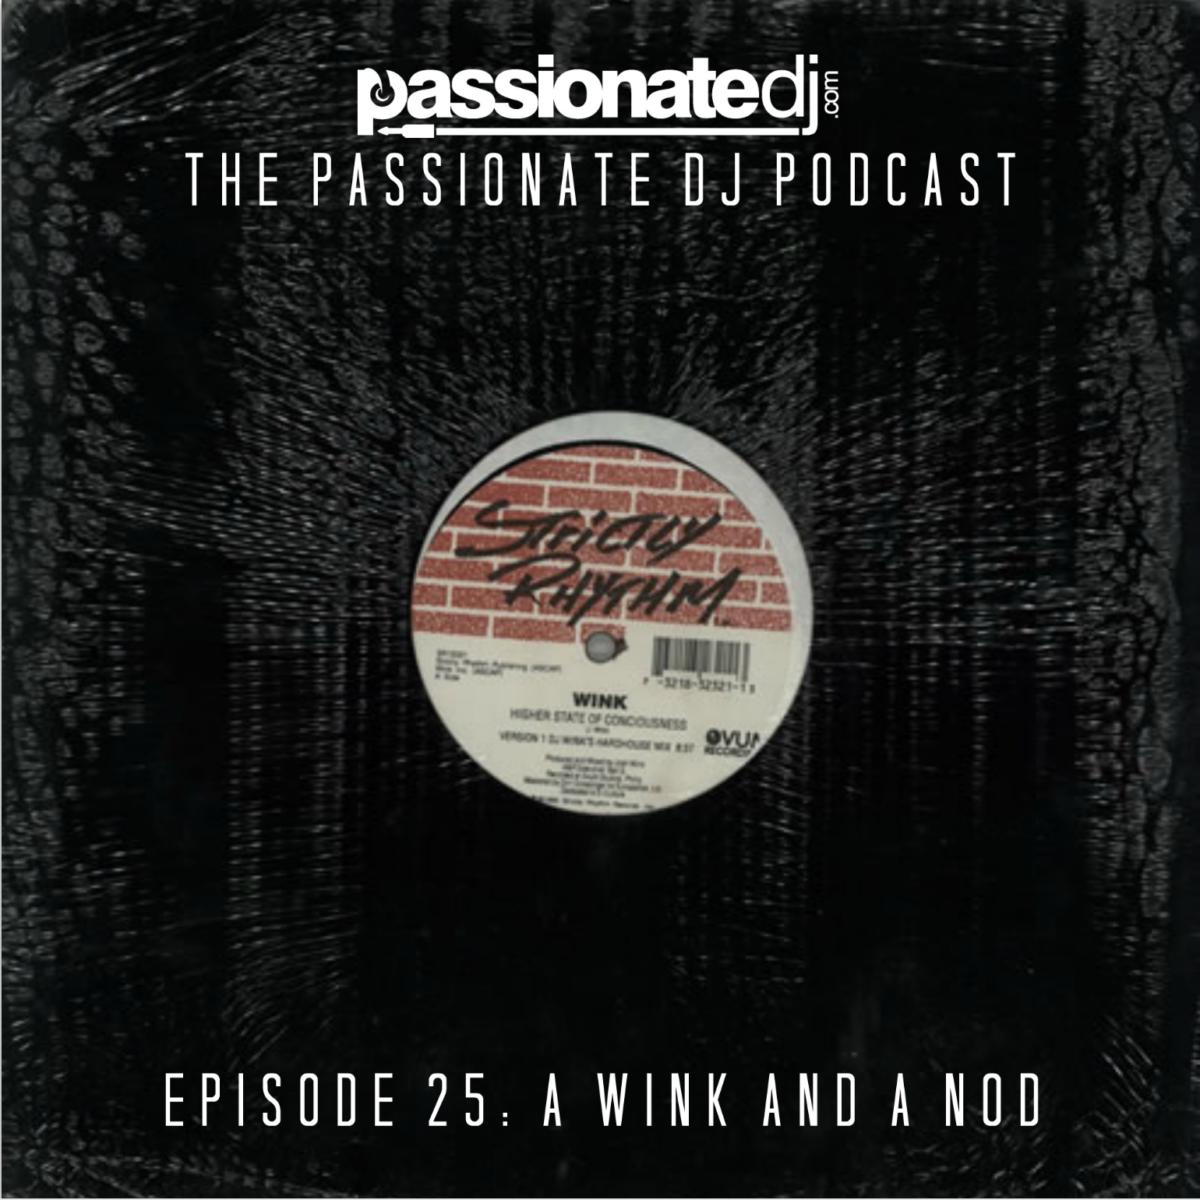 PDJ 025 – A Wink and a Nod